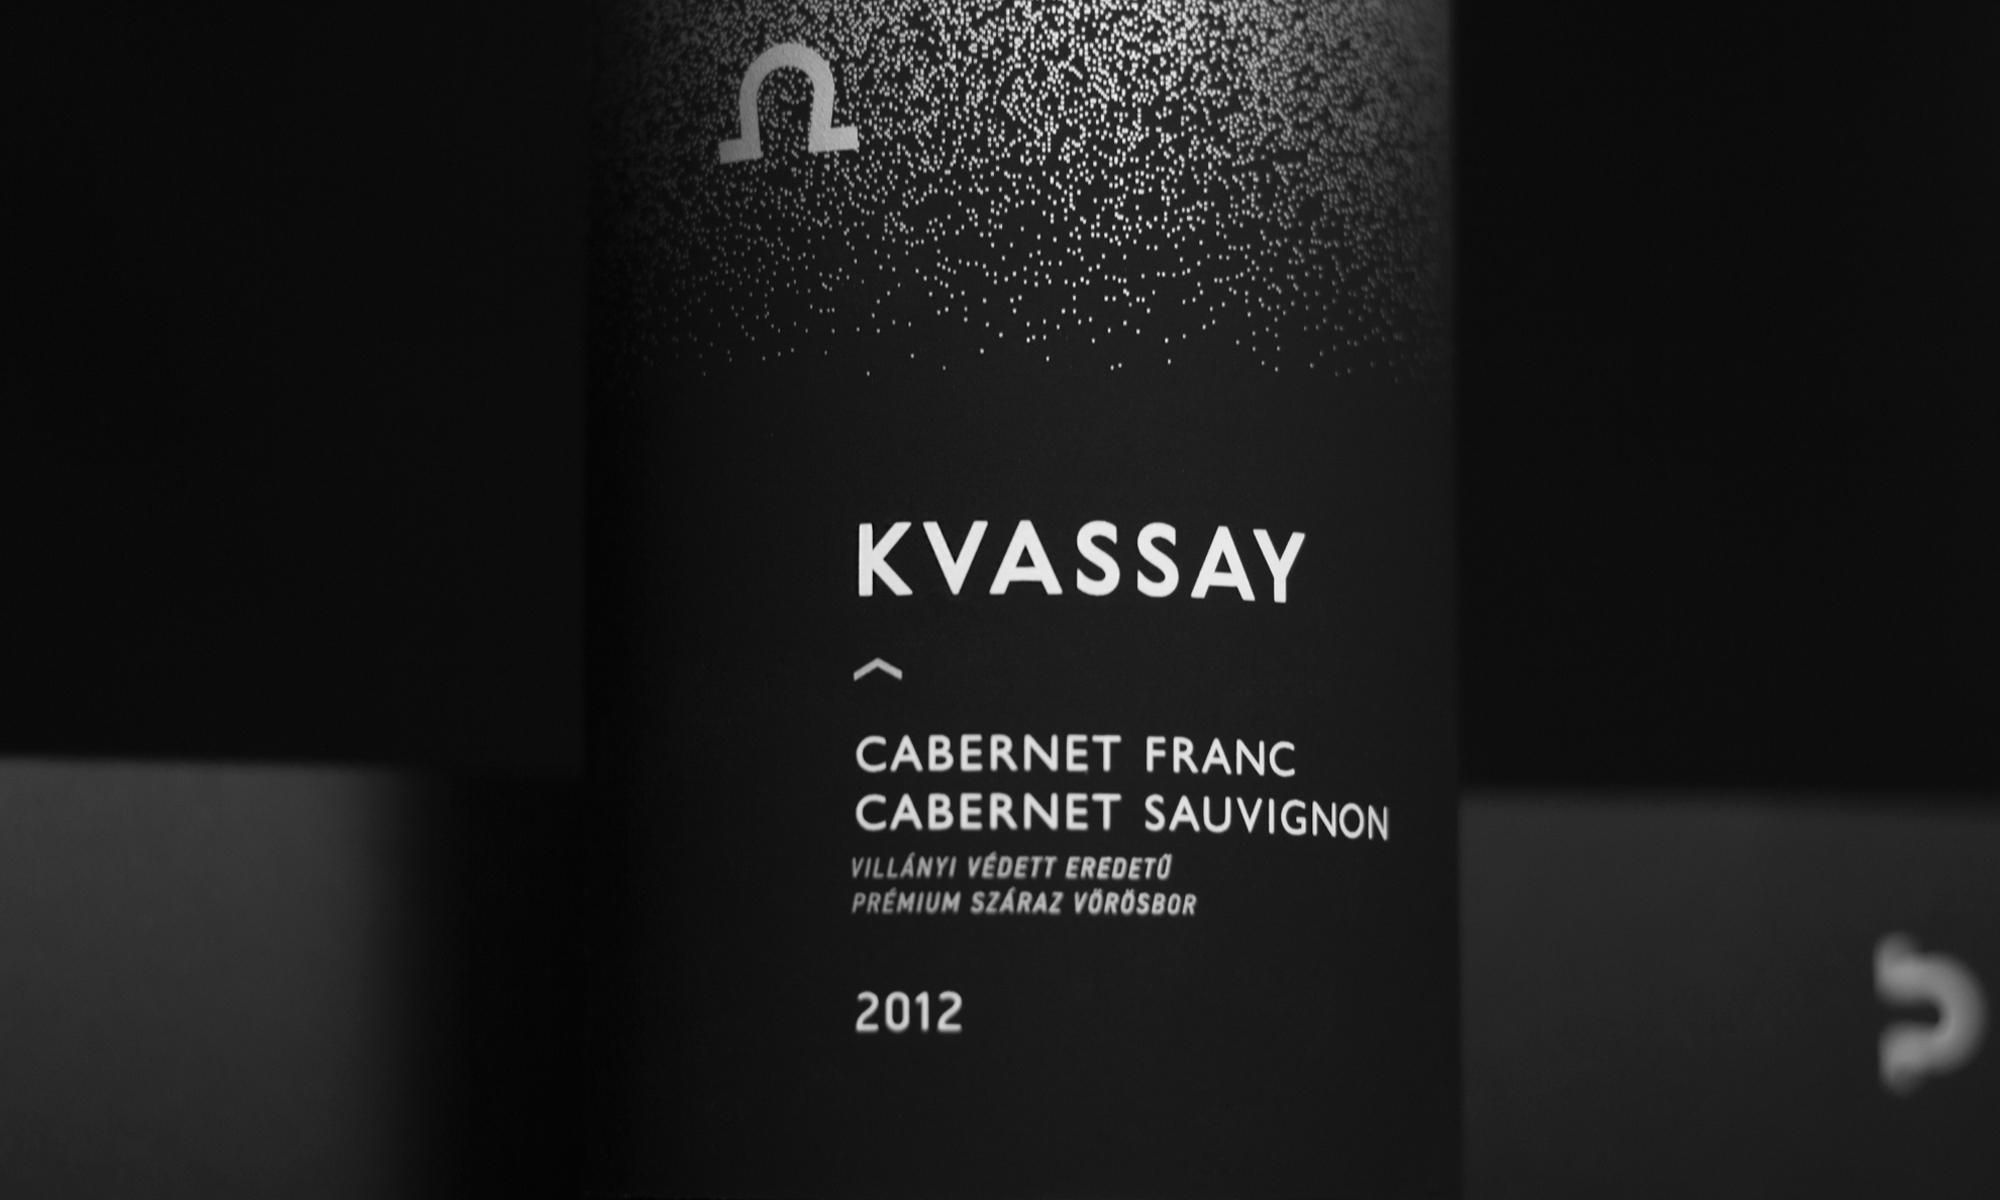 Kvassay wine label concept - Misztarka Eszter 08.jpg